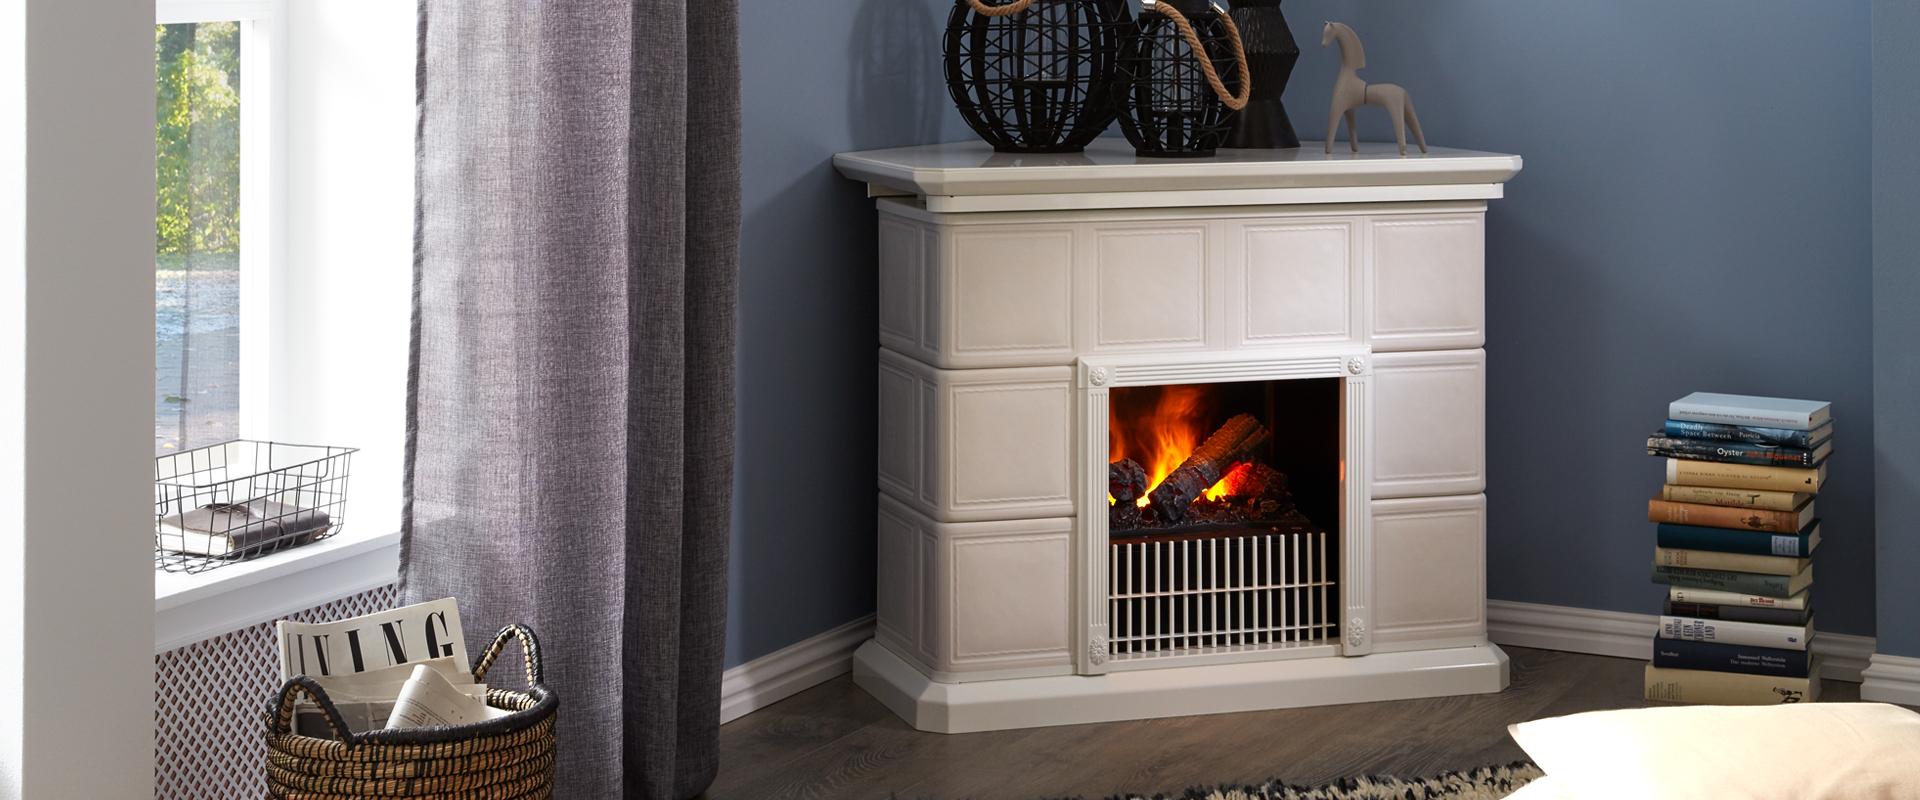 elektrokamin mit heizung kaufen wibo. Black Bedroom Furniture Sets. Home Design Ideas